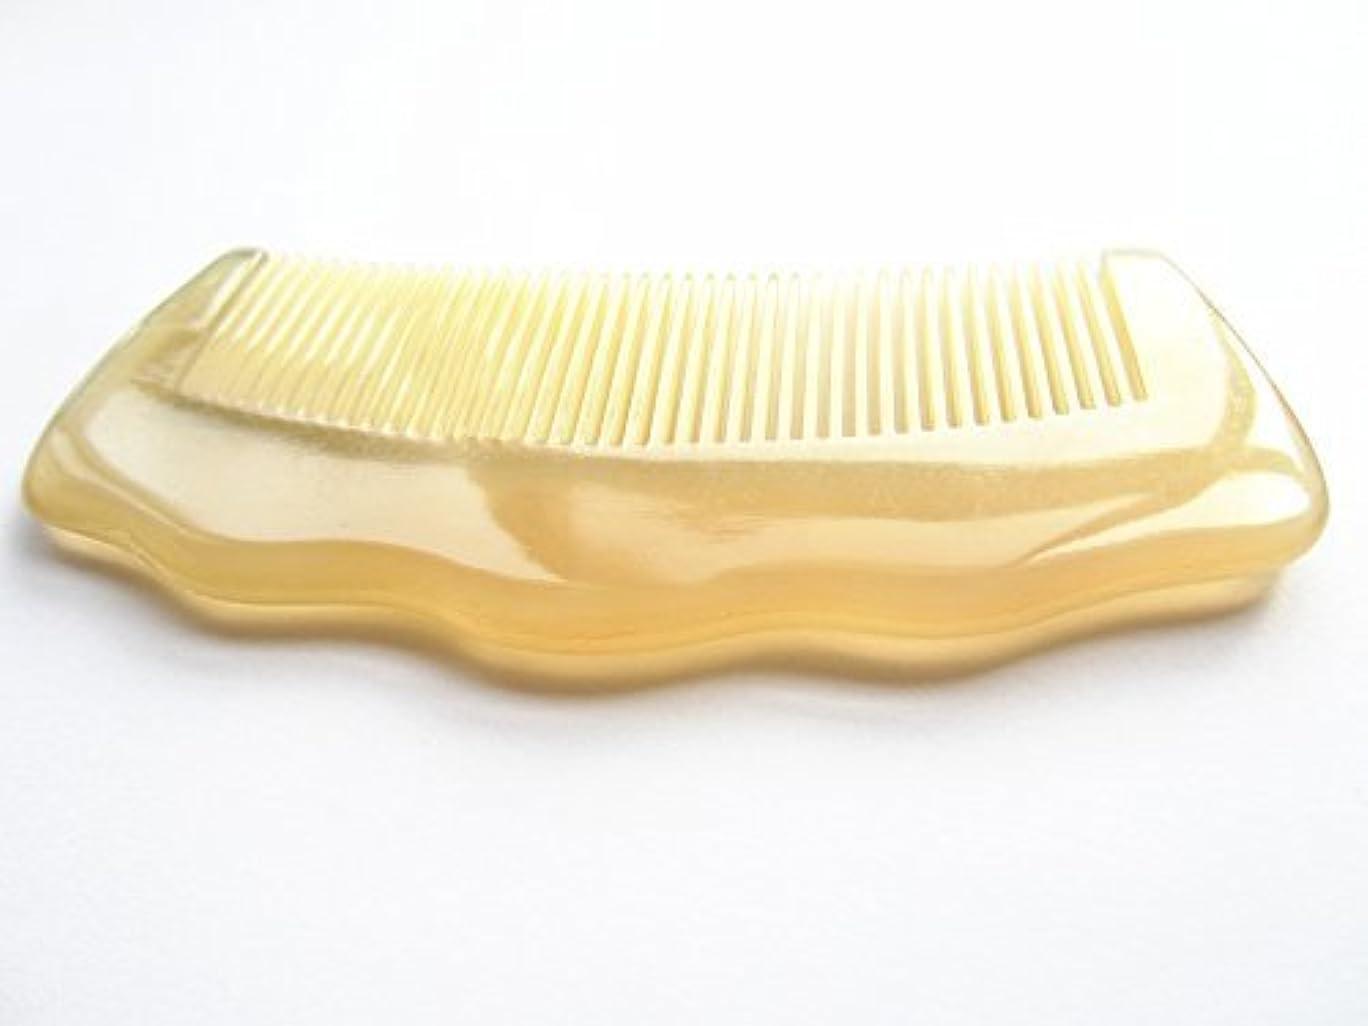 保守的コンバーチブル製造Myhsmooth Sh-byg-nt 100% Handmade Premium Quality Natural Sheep Horn Comb Without Handle(4.8''Long) [並行輸入品]